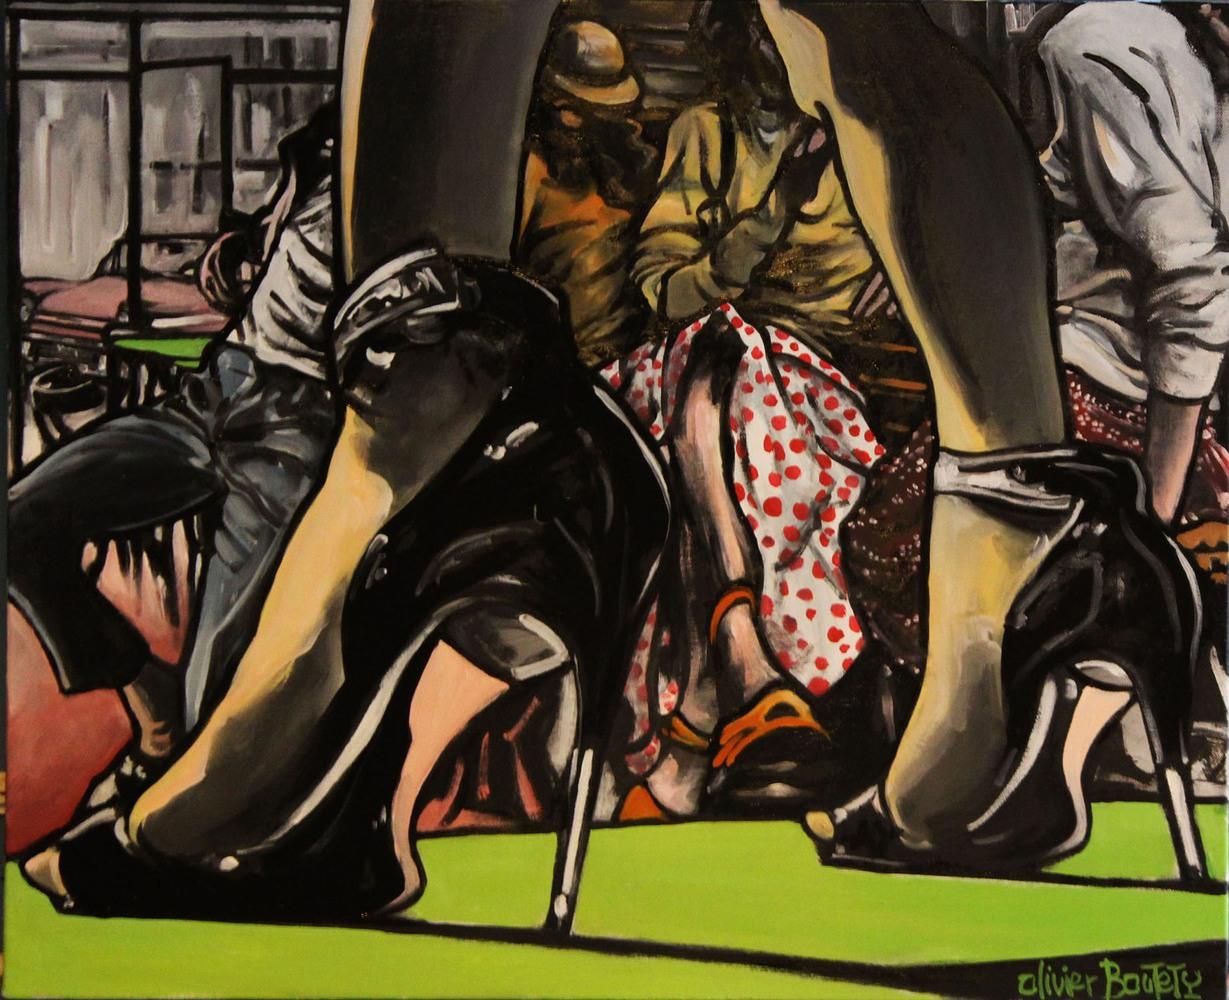 « Comme dans un Film américain », huile sur toile, 60x80 cm